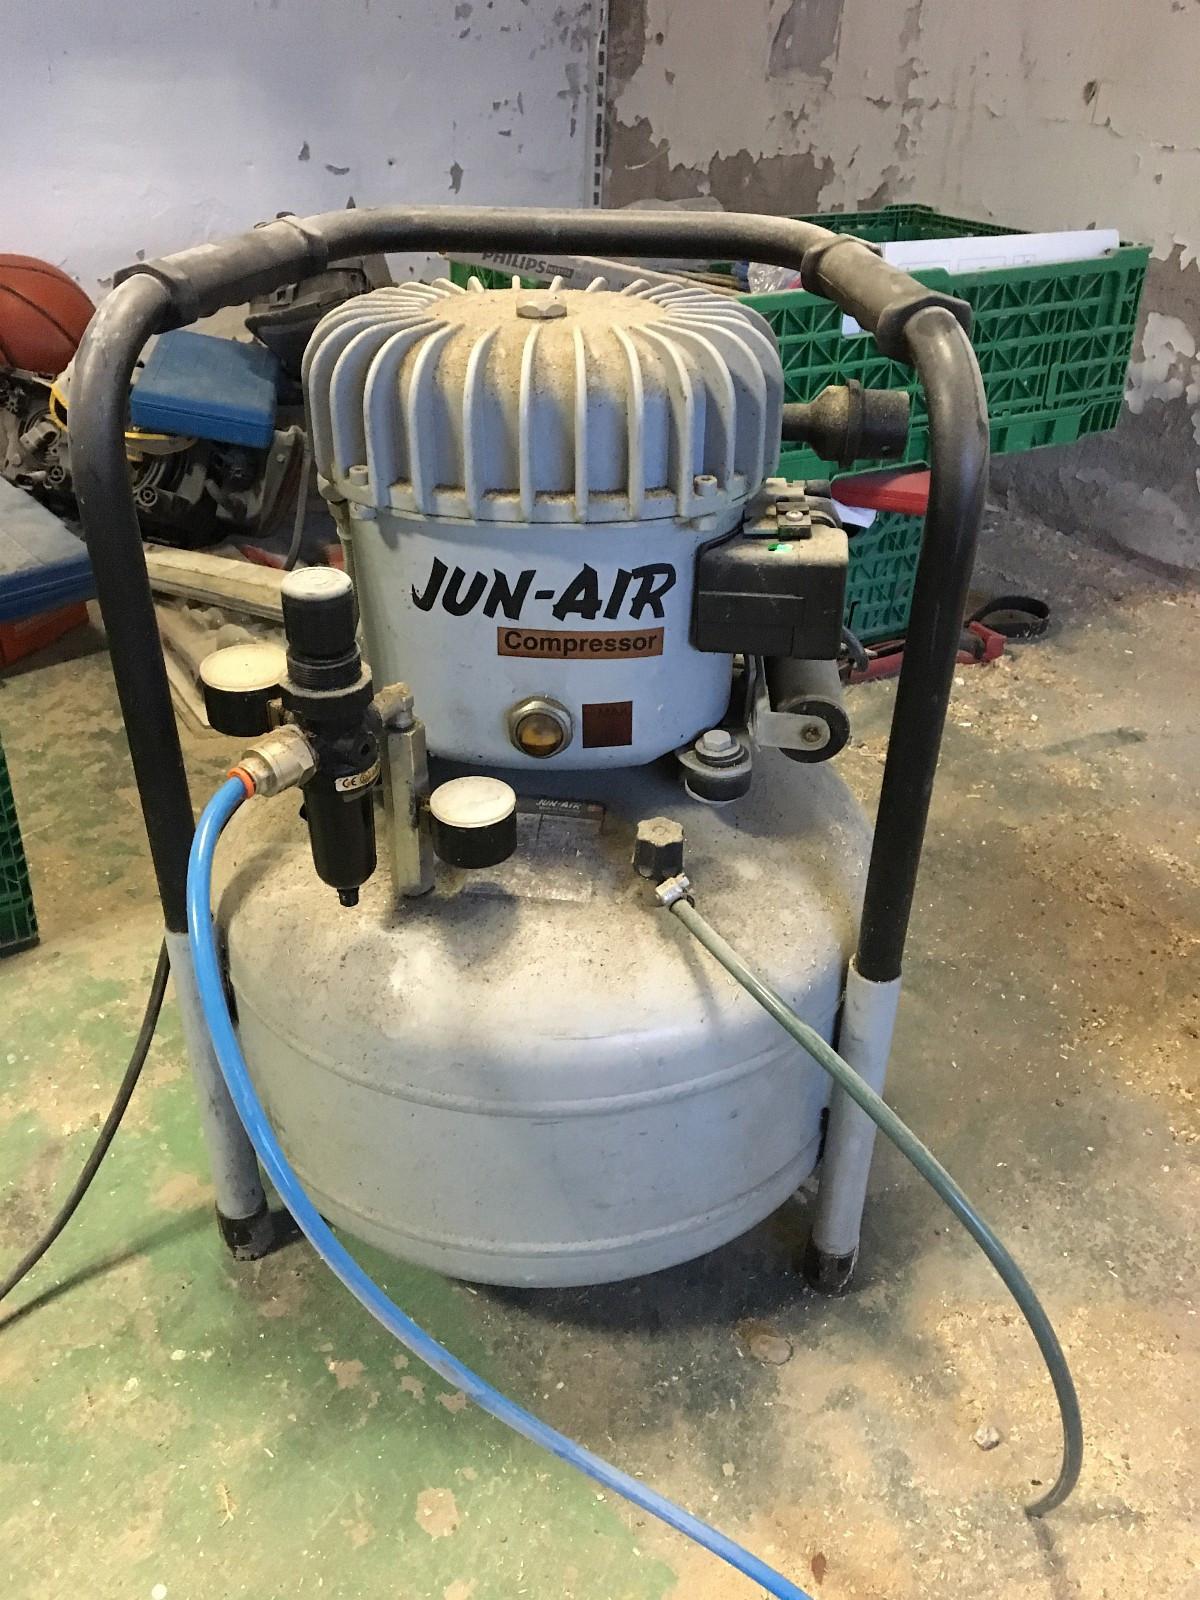 kompressor - Sandefjord  - Jun-Air oljesmurte kompressorer. Montert på tank. Når det kreves en pålitelig forsyning av stille trykkluft er Jun-Air oljesmurte det perfekte valg. Støynivået er så lavt som 35 dB på noen av modellene, det er langt under en normal sa - Sandefjord